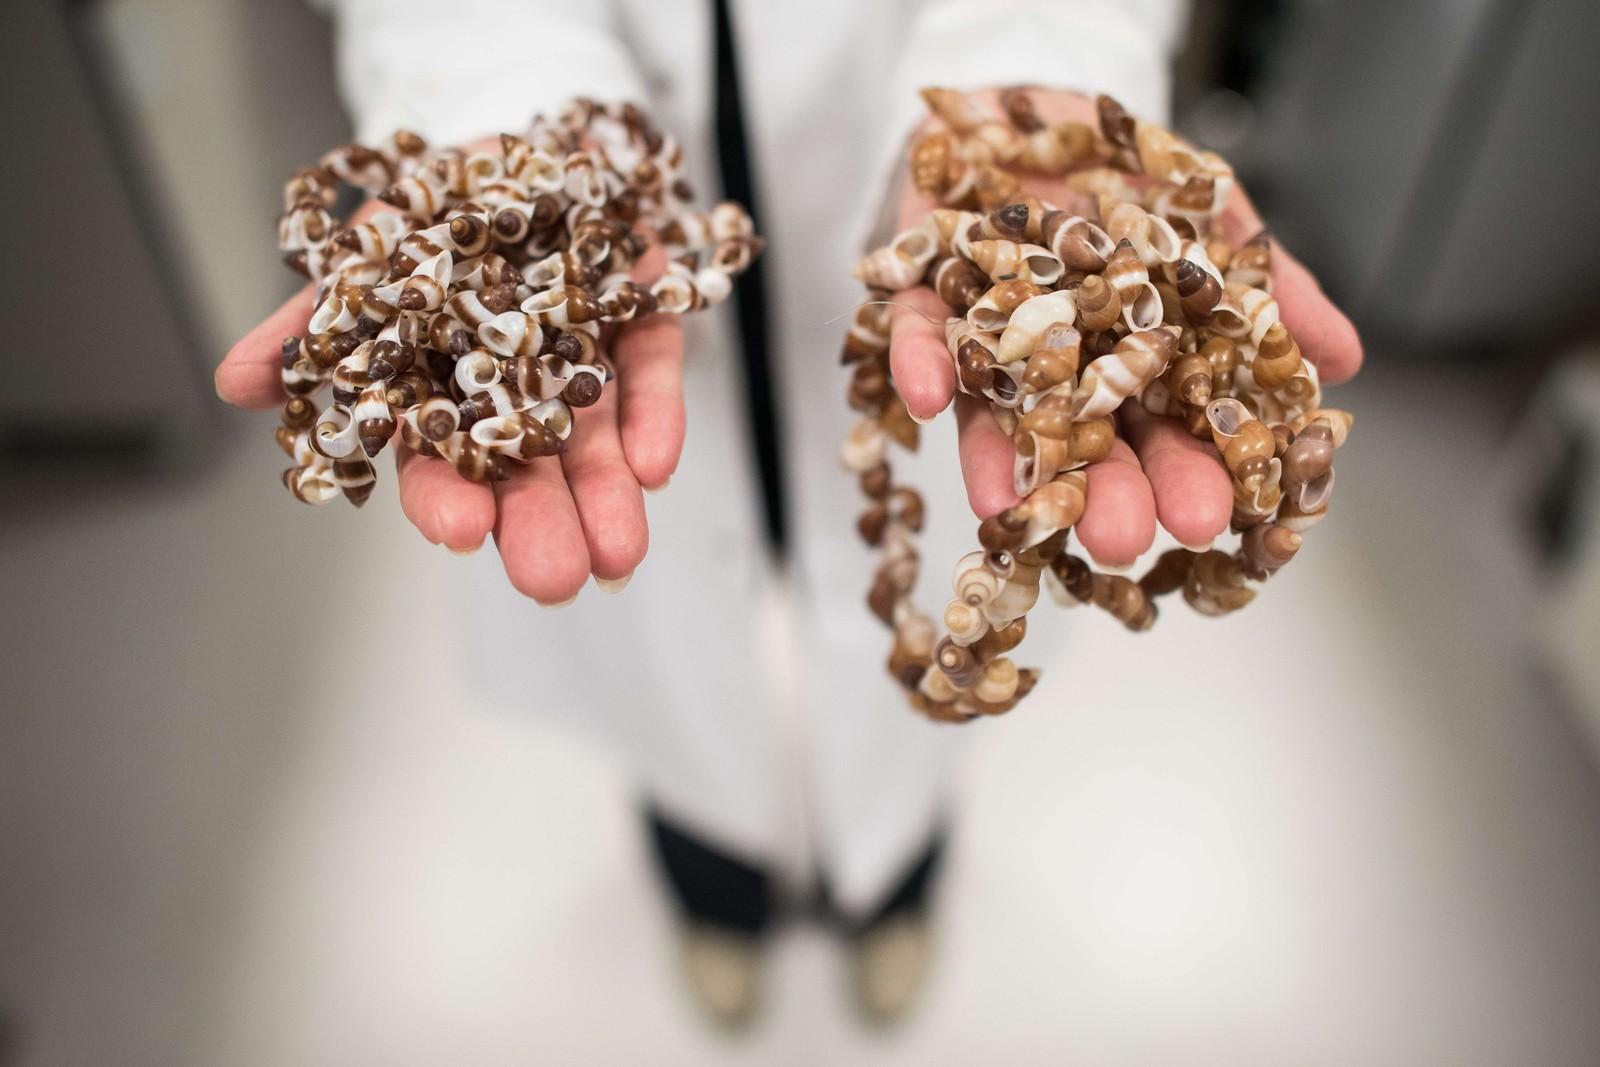 Doktor Ann Clarke viser fram sneglene som er med i prosjekt Frozen Ark, hvis formål er å bevare DNA fra utrydningstrua arter. Forskerne snakker nå om «Den sjette masseutryddelsen», og prosjektet er et tiltak for å bevare DNA før artene kan risiker å forsvinne for godt.